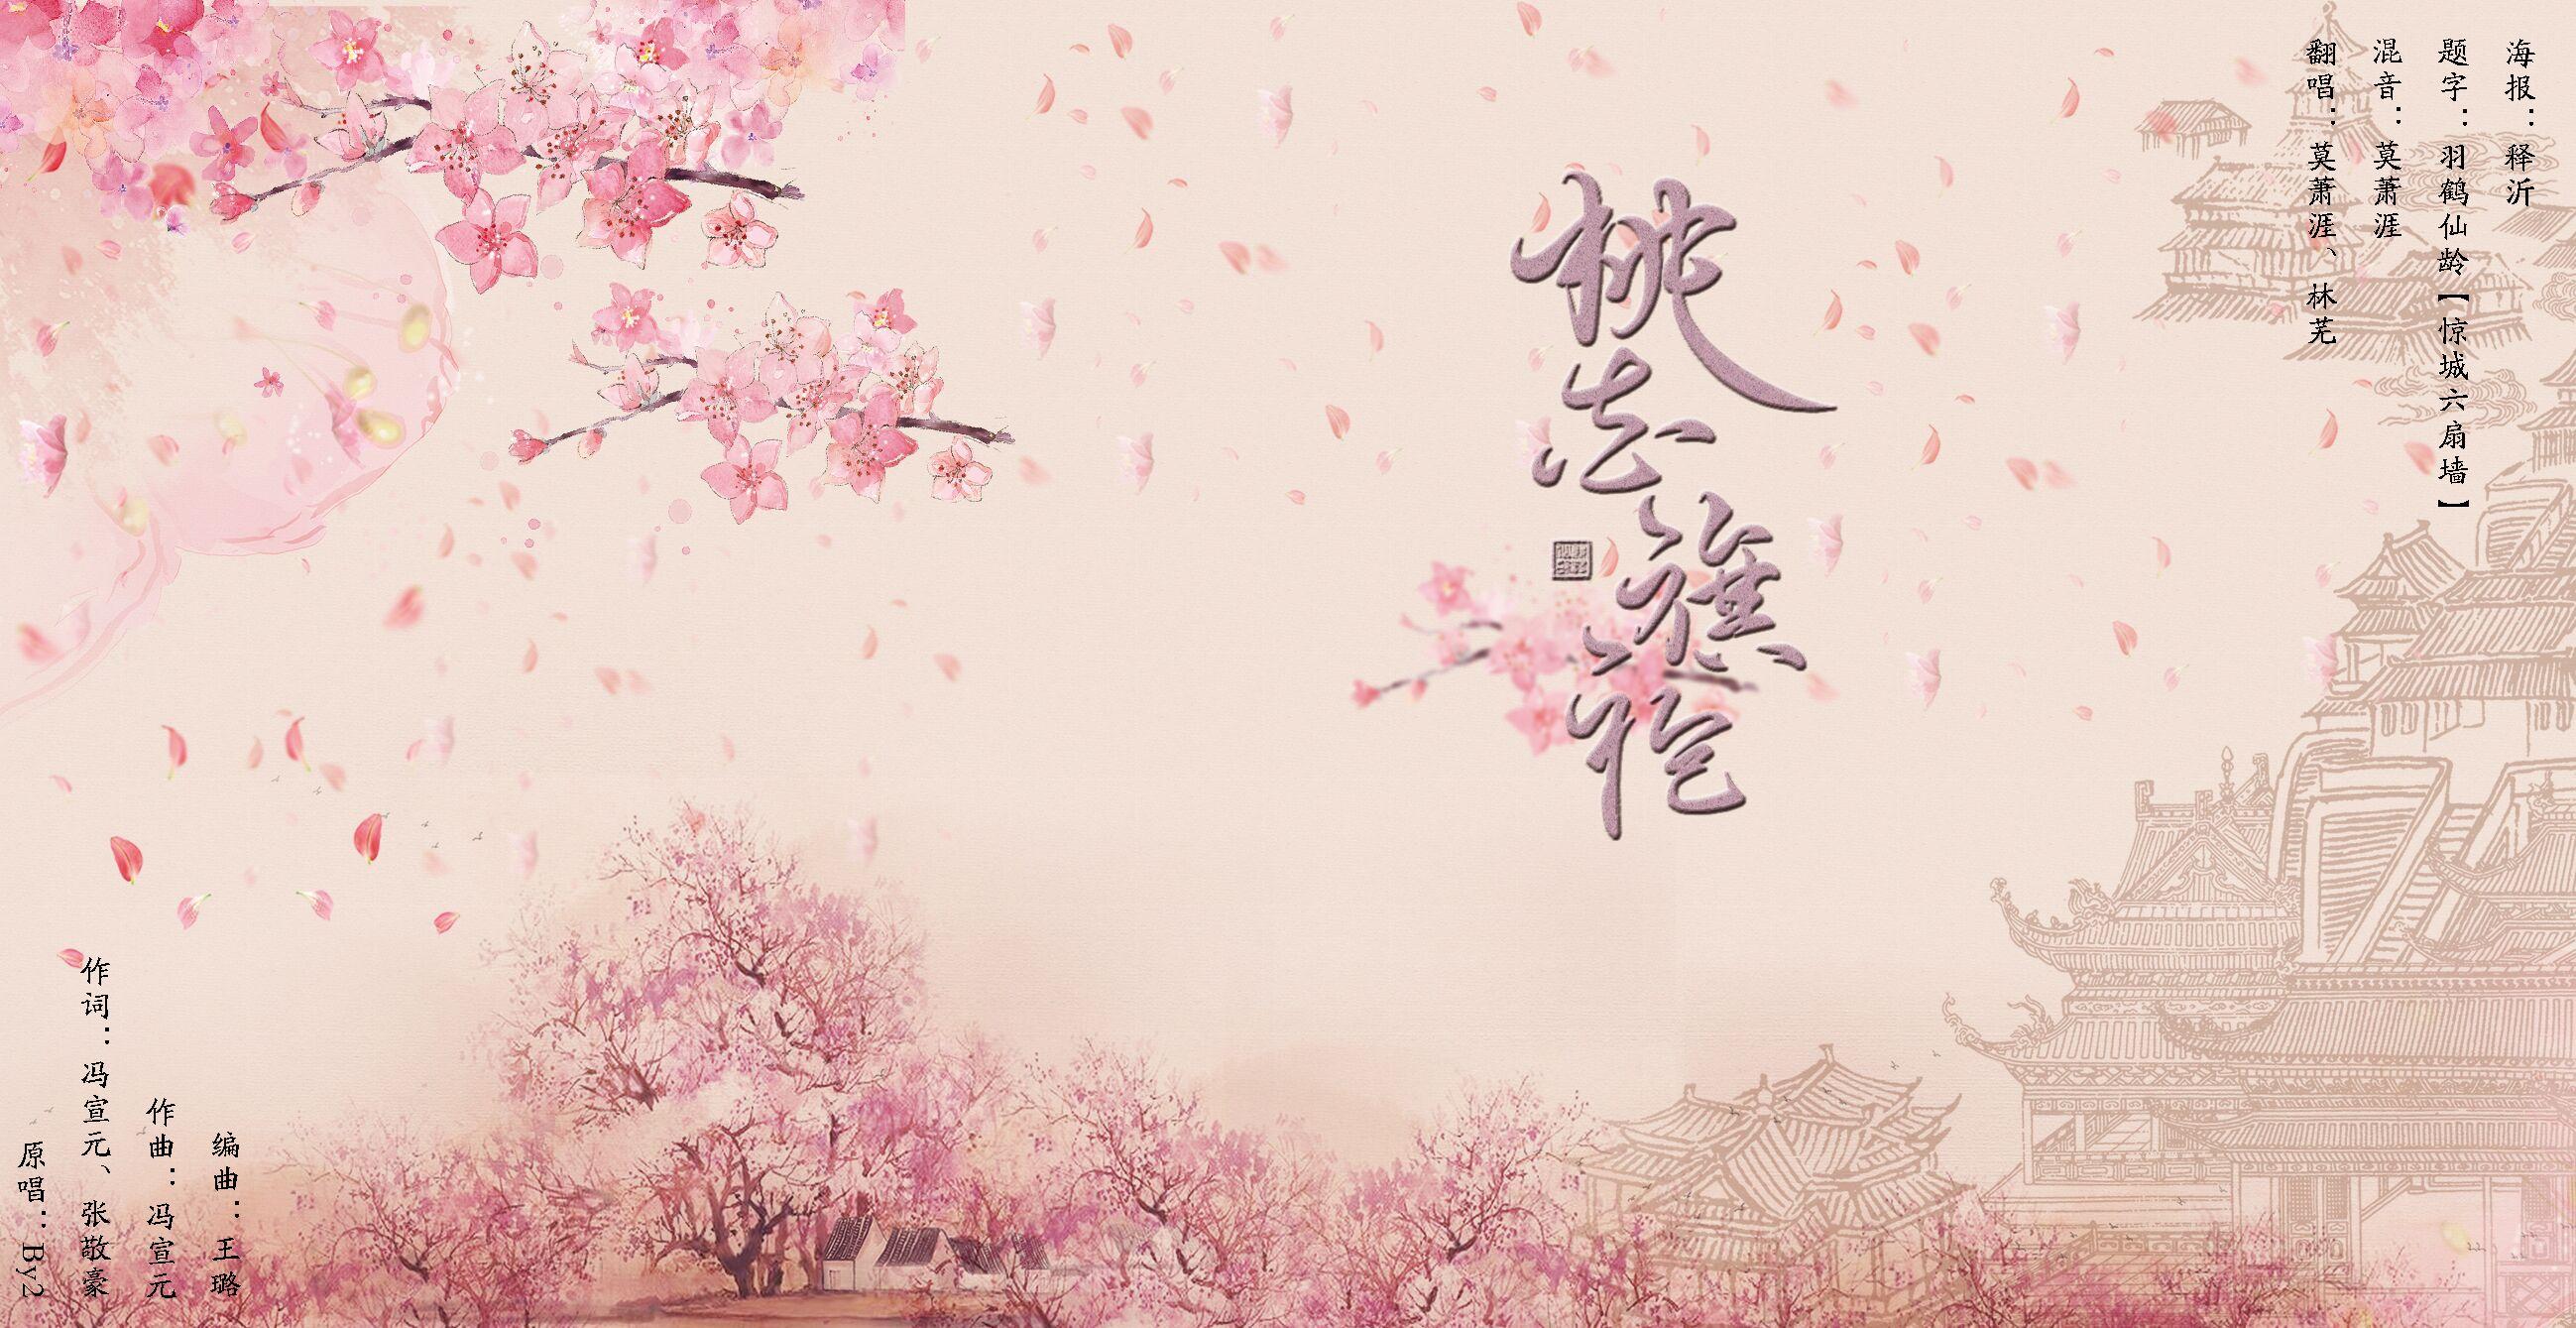 「无涯」桃花旗袍 ft.莫萧涯